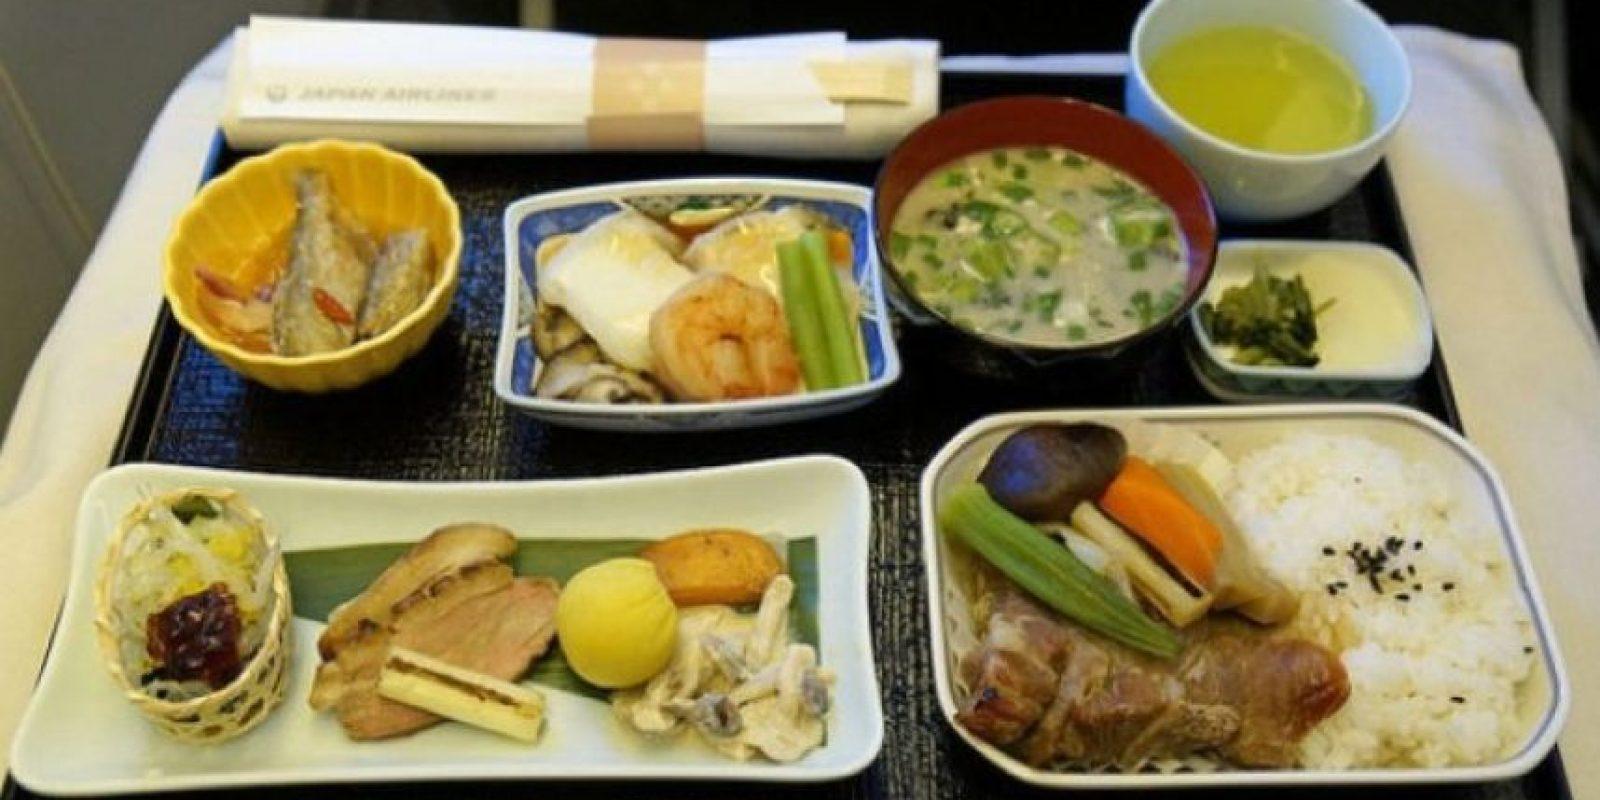 1. Vuelo de Songshan a Tokio. Tiene mariscos, té, carne de res y arroz. Foto:Vía Flickr: lukelai /Creative Commons